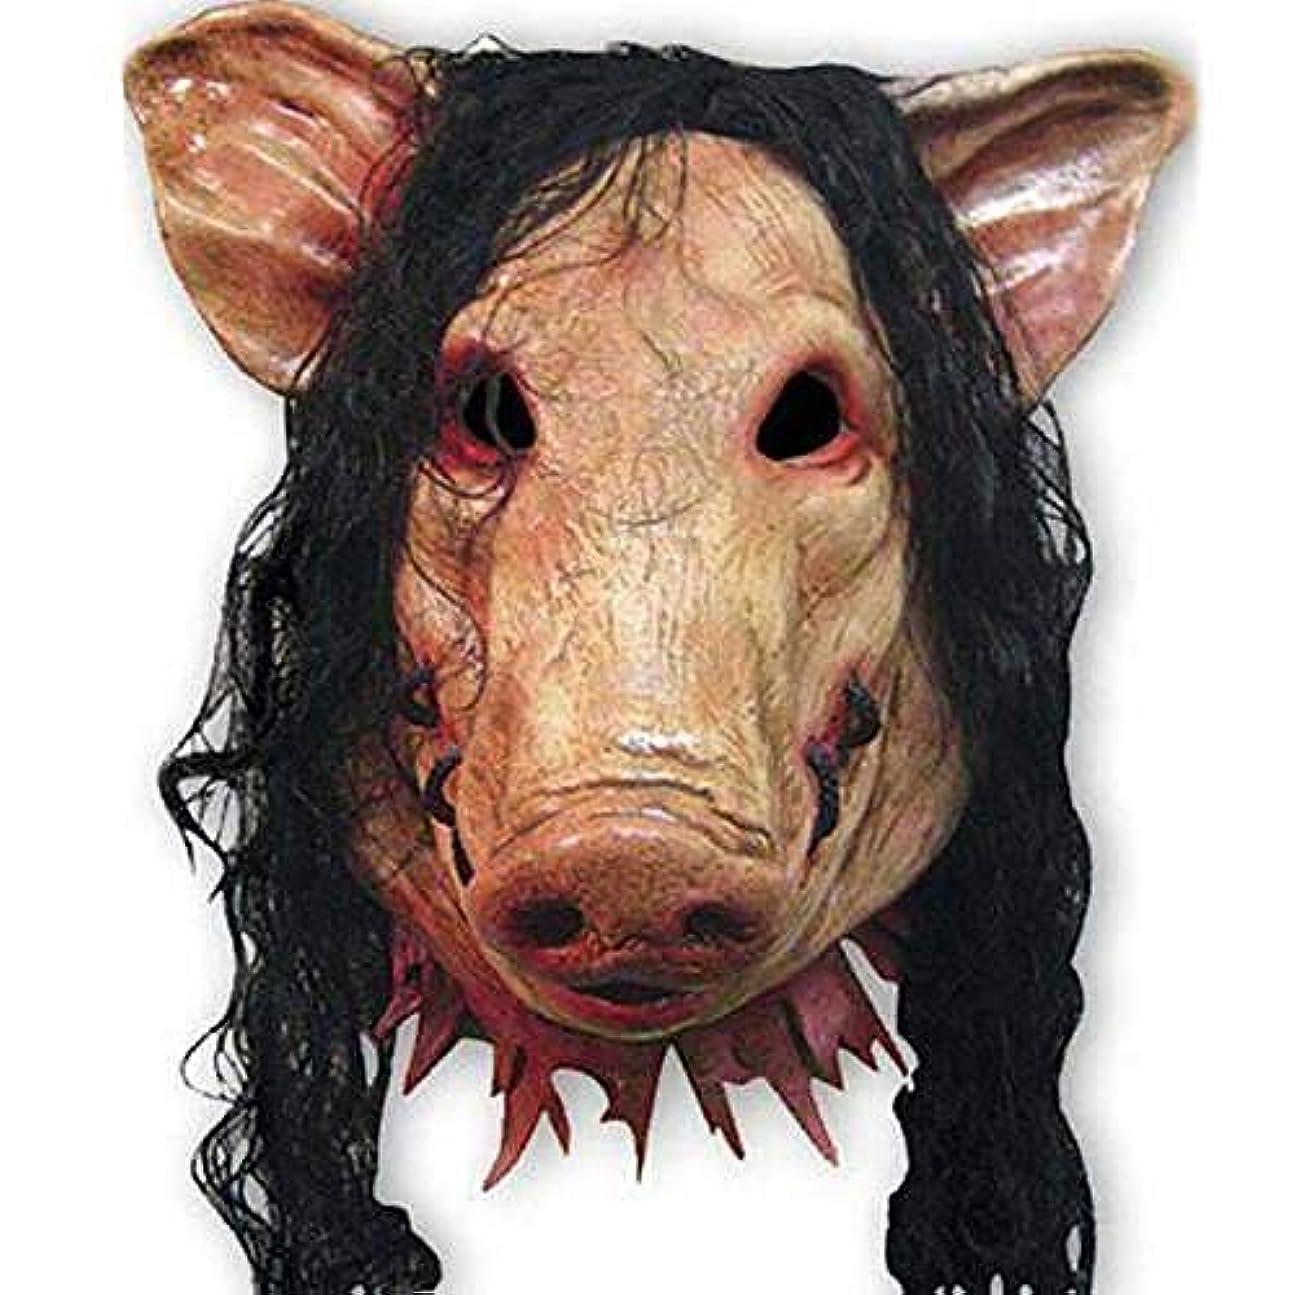 噂五ホストラテックス豚マスク-ハロウィンコスチュームボールコスチュームコスプレ、ユニセックス怖いマスク豚